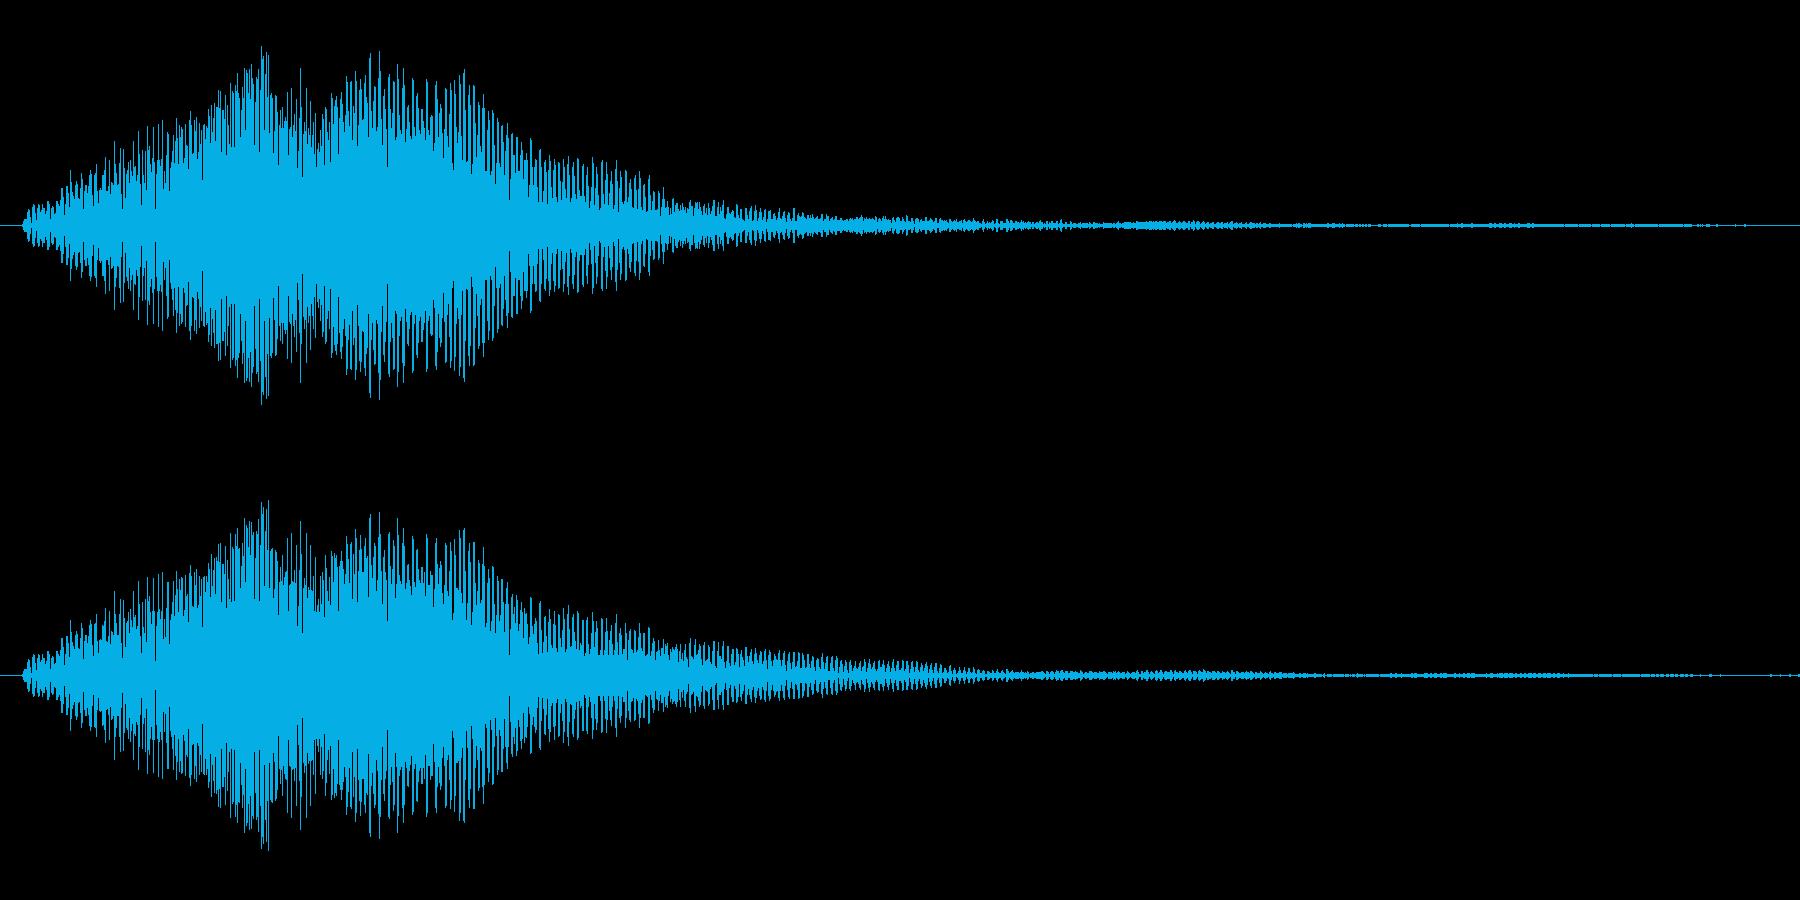 闇の魔法をイメージした効果音の再生済みの波形